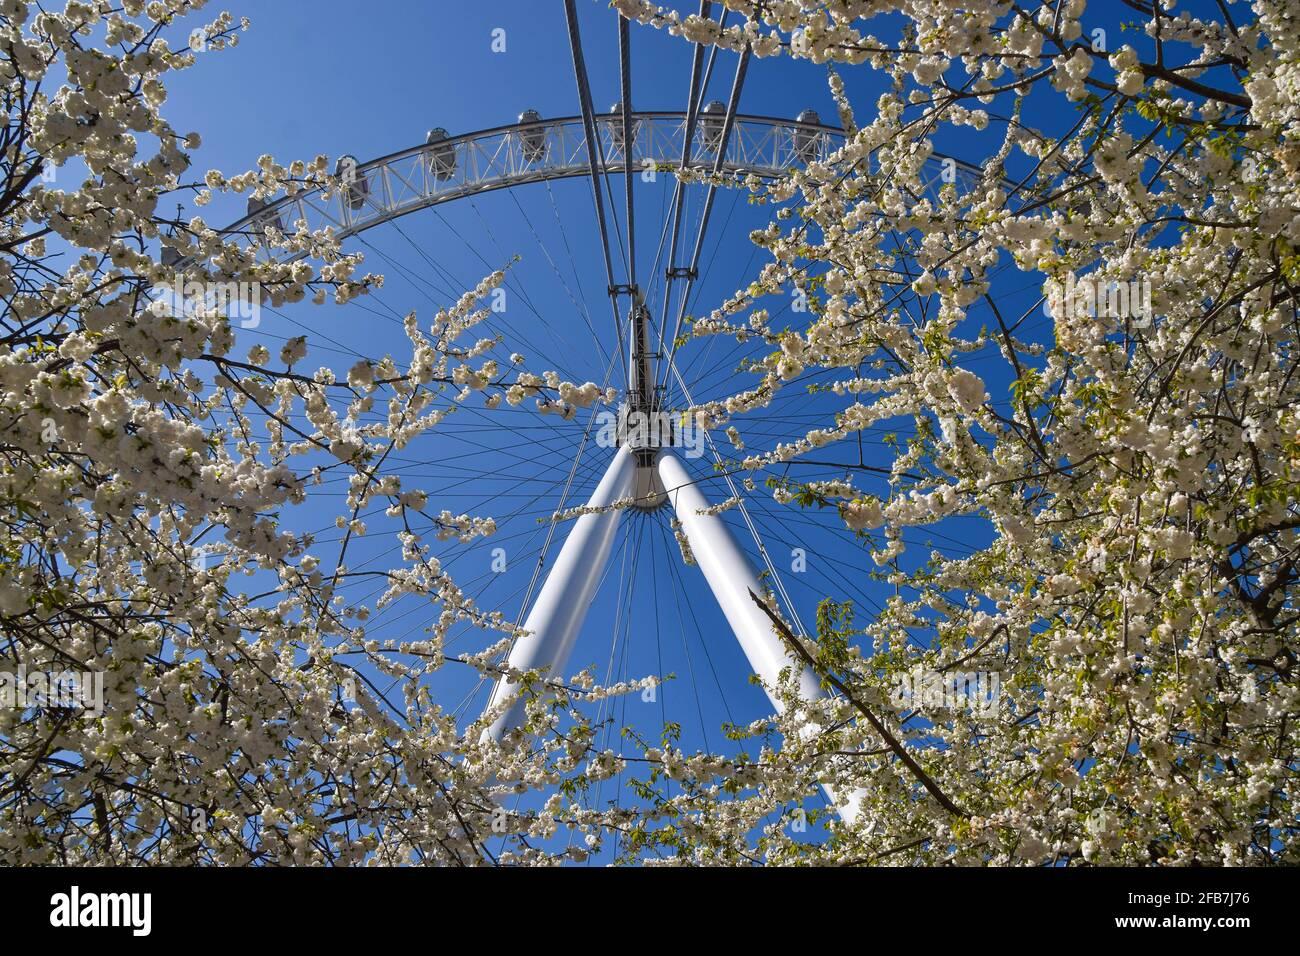 Londres, Royaume-Uni. 23 avril 2021. Le London Eye et les cerisiers en fleurs par temps chaud et clair. Credit: Vuk Valcic/Alamy Live News Banque D'Images